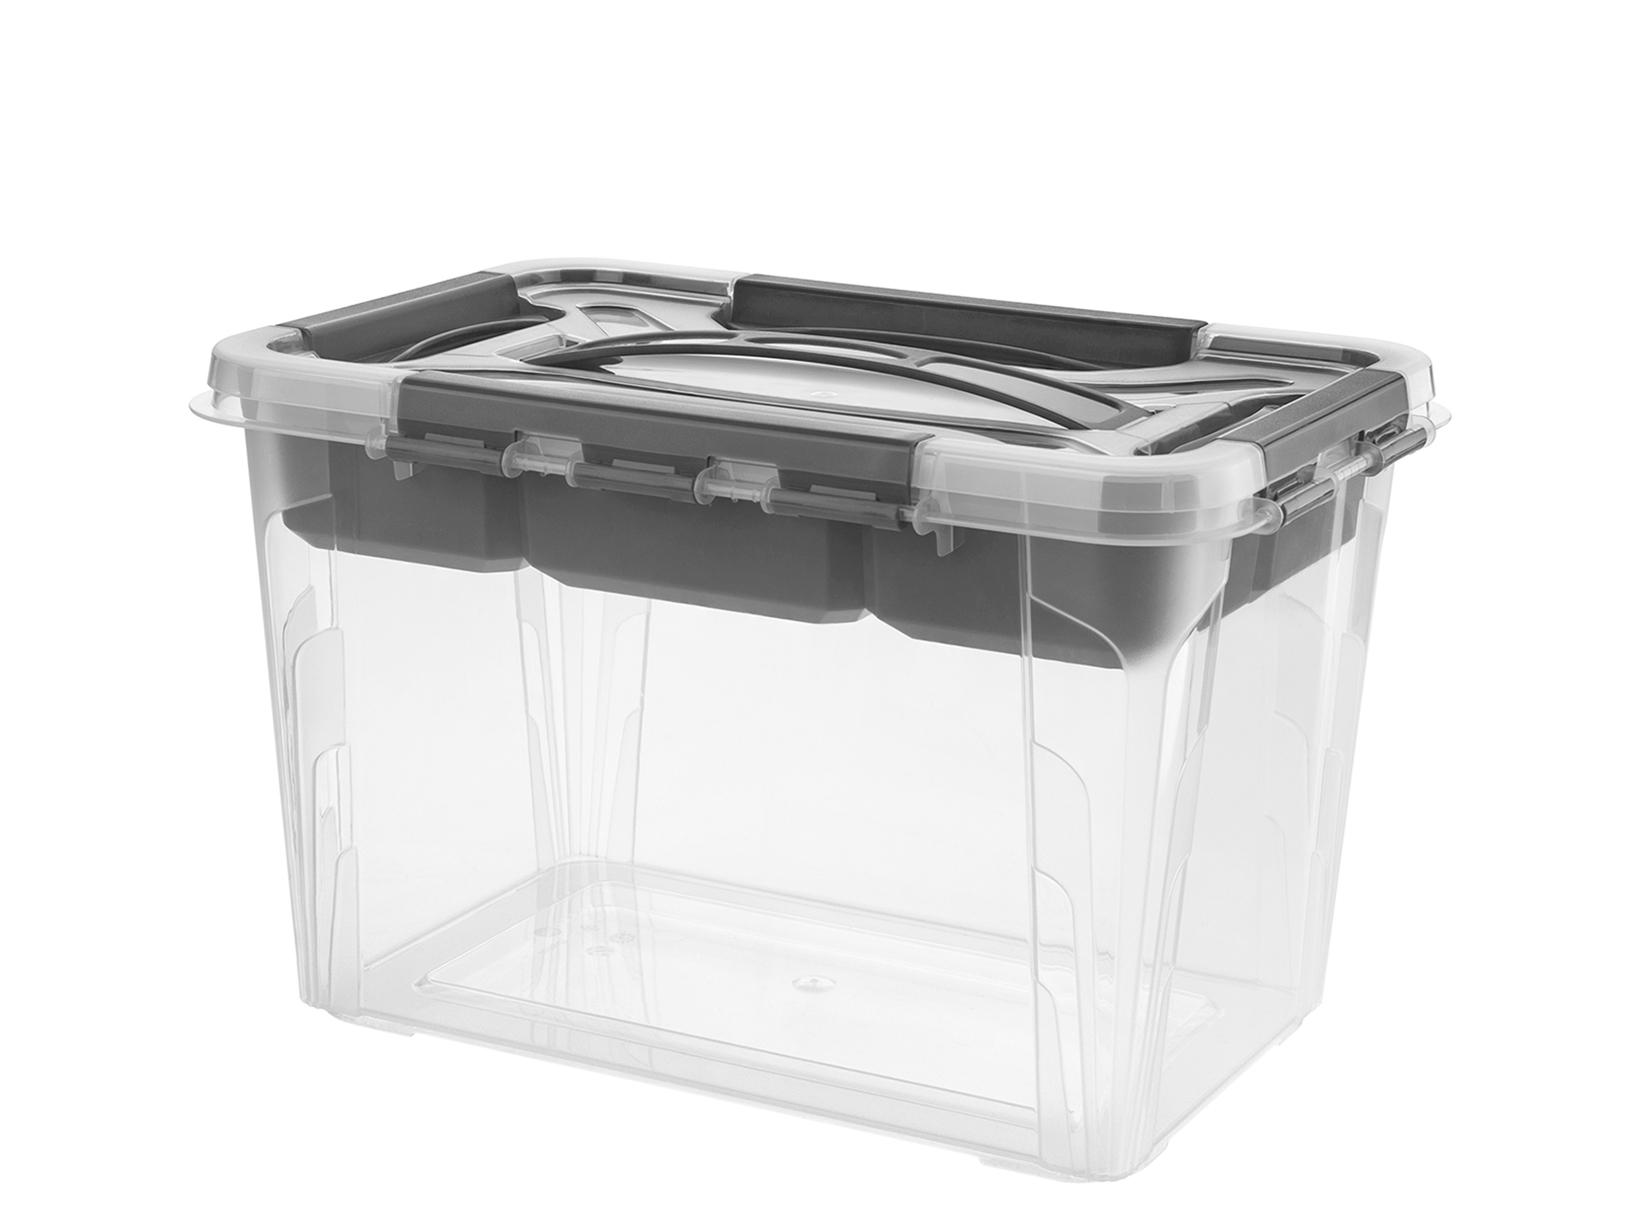 Box Hubert 29x19x18 Va/mr-11101